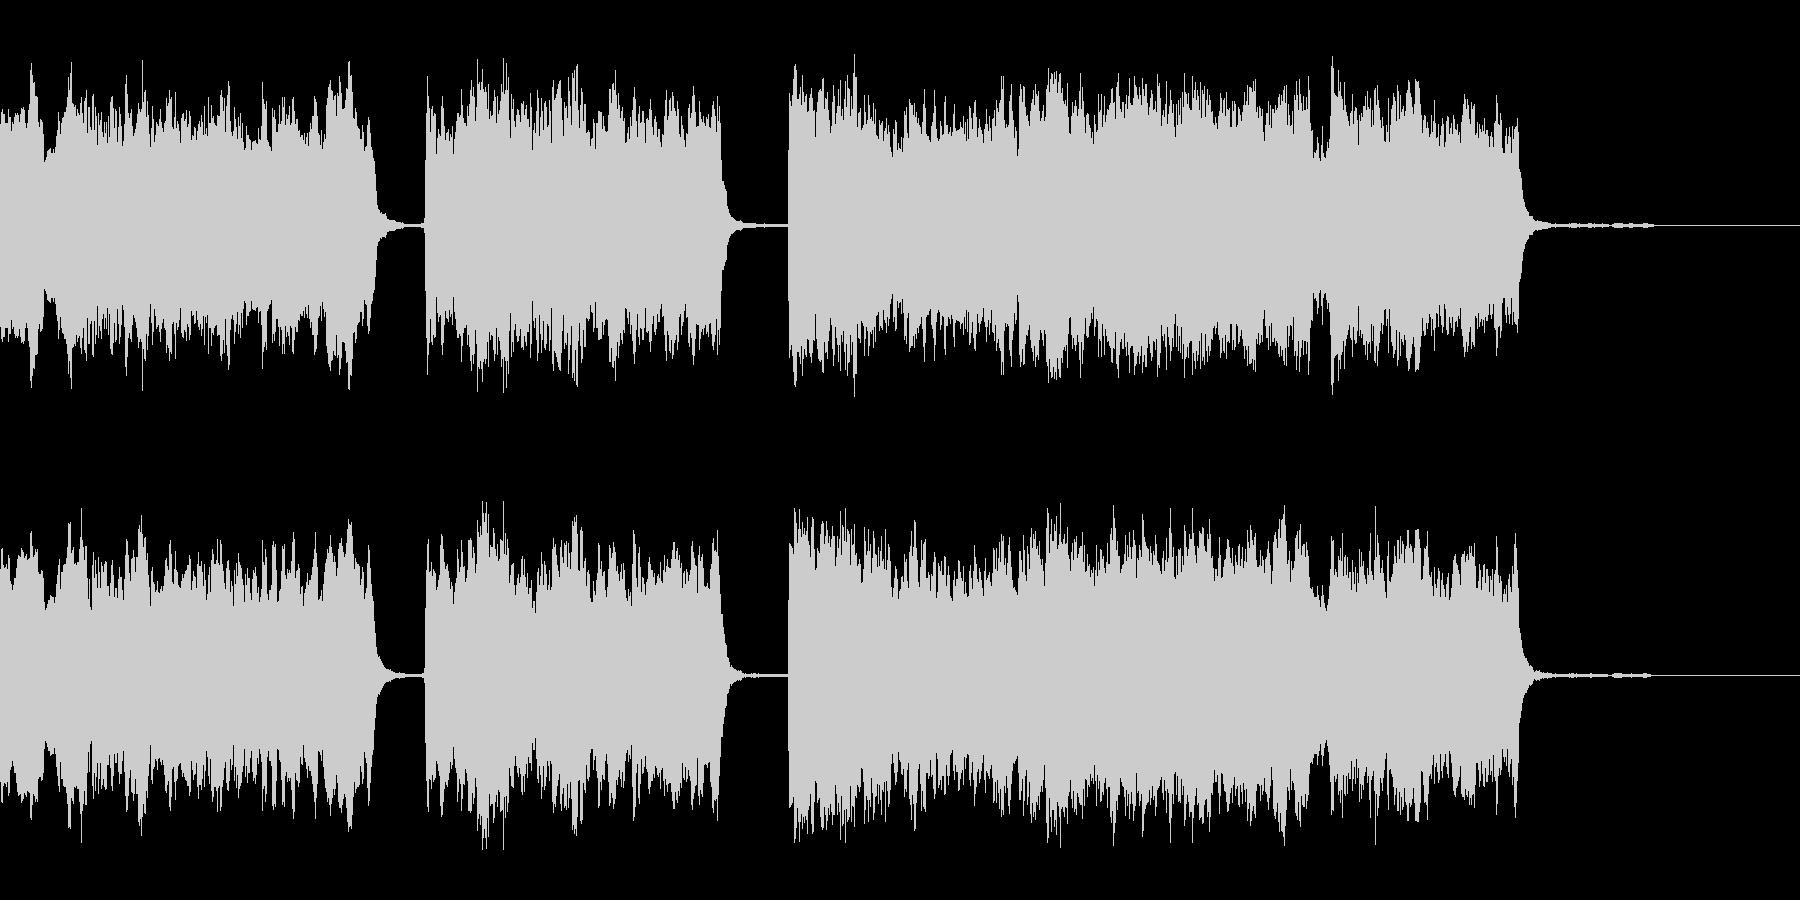 ハーディガーディ弾語りの短い民族風BGMの未再生の波形